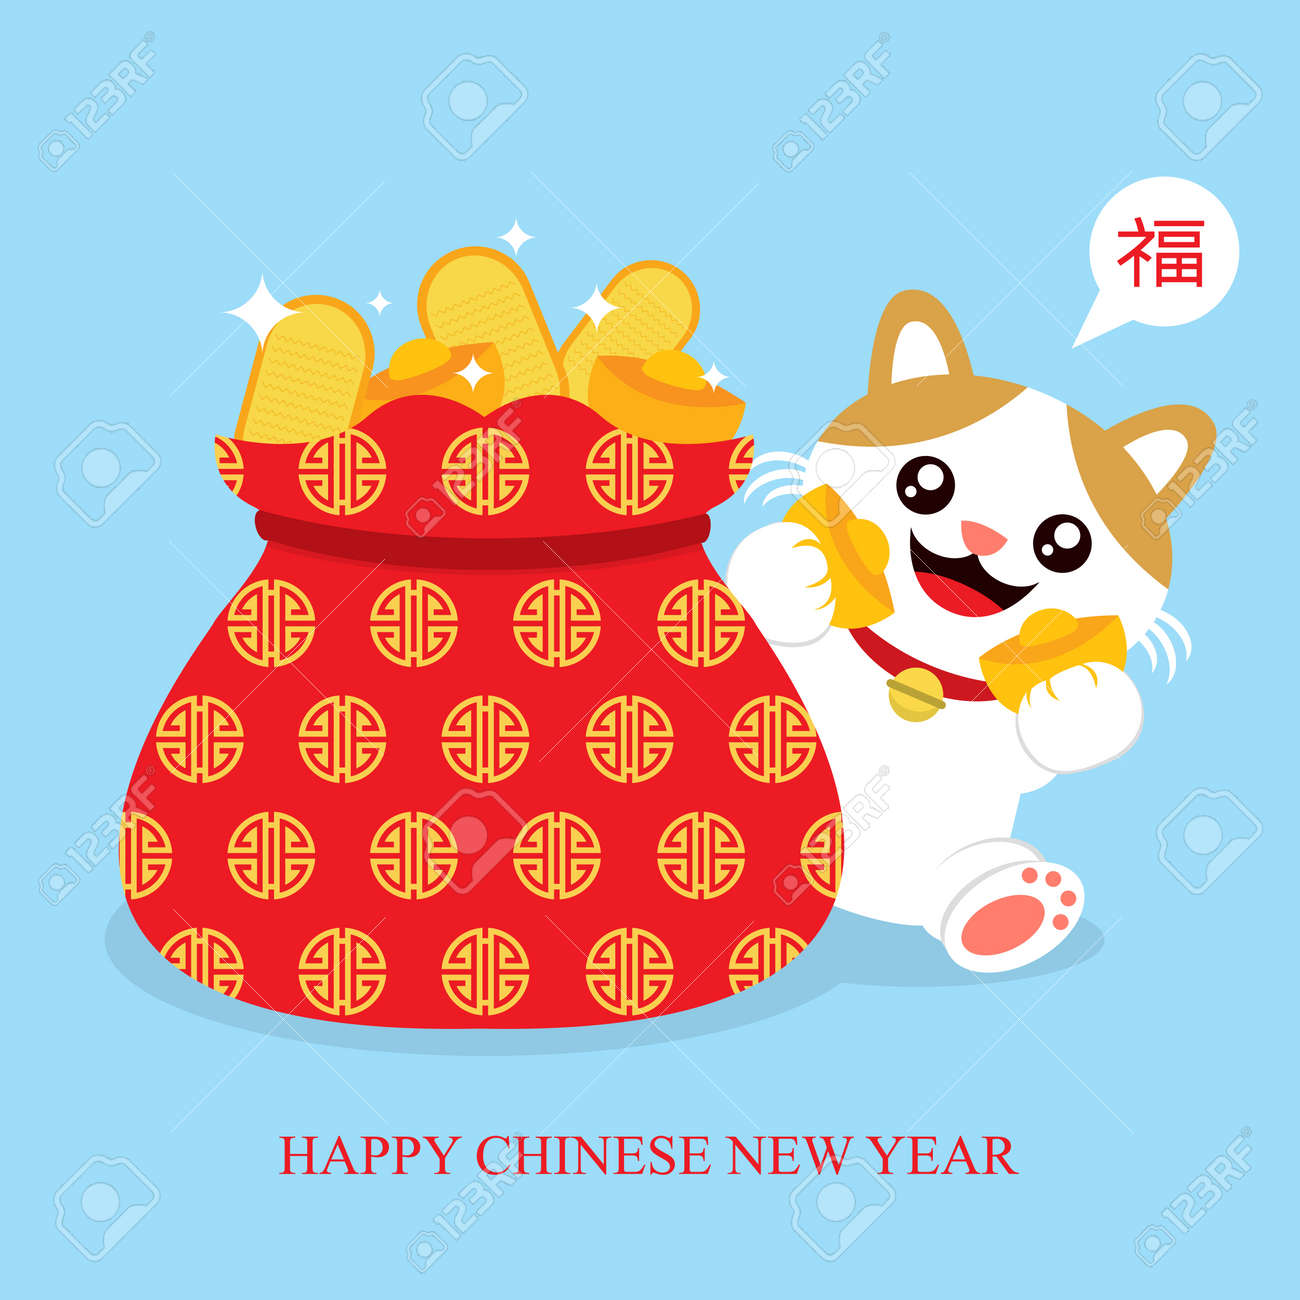 maneki neko lucky cat card - 69807975